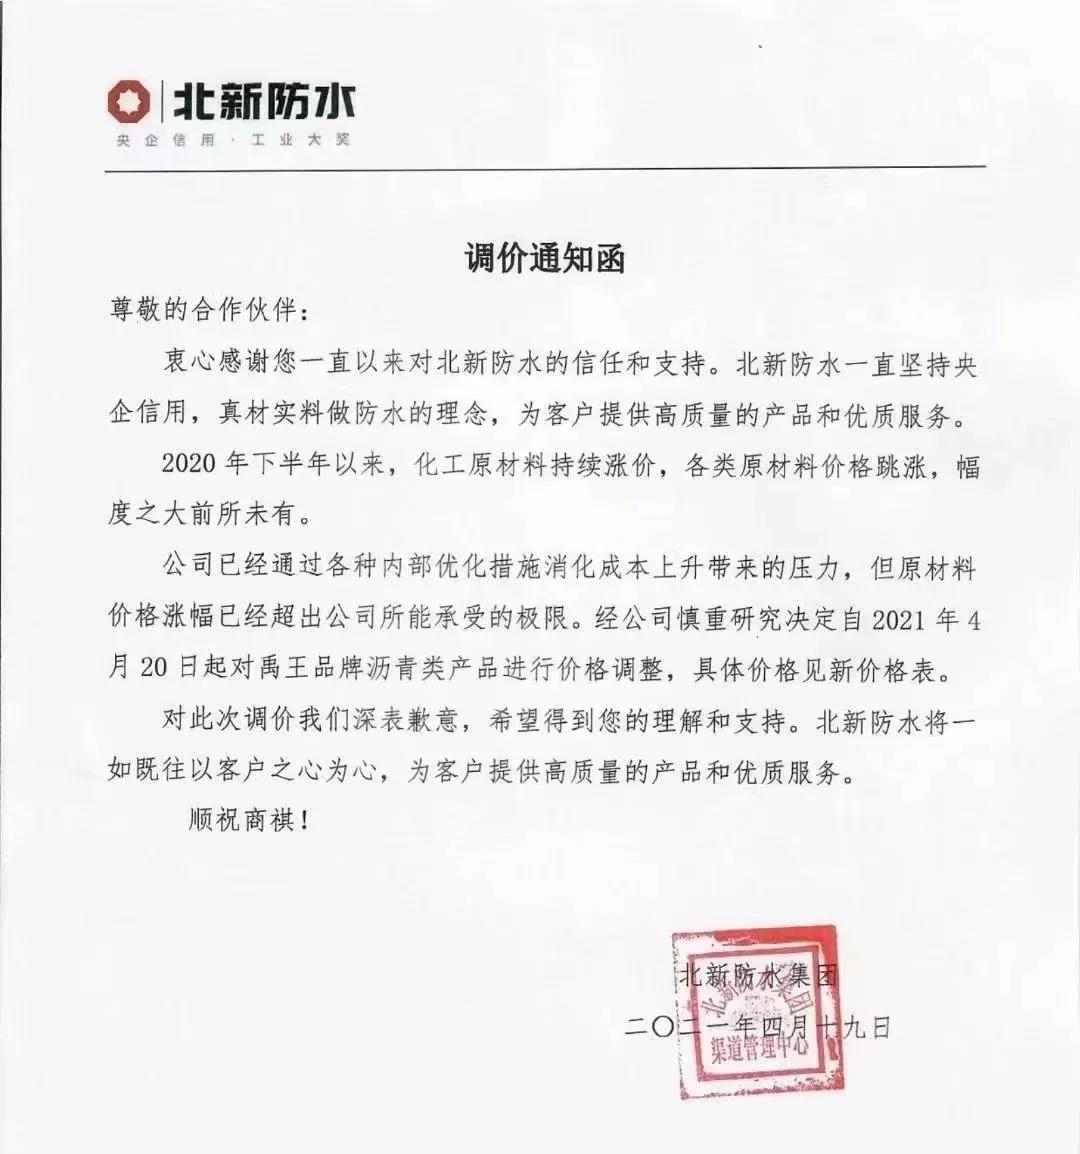 寰俊鍥剧墖_20210426165242.jpg